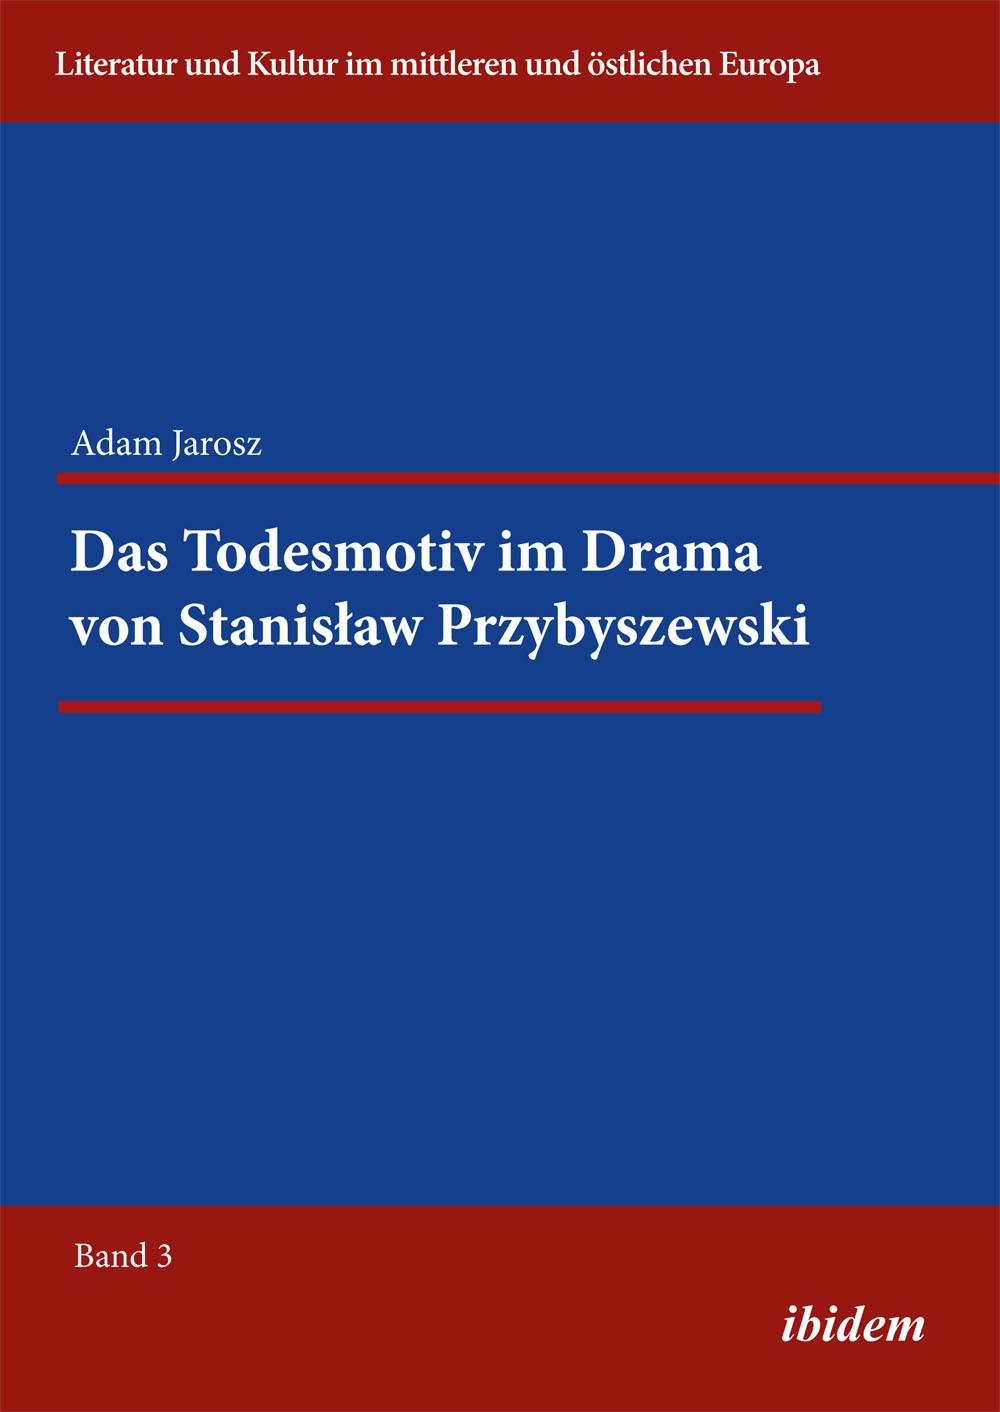 Das Todesmotiv im Drama von Stanisław Przybyszewski